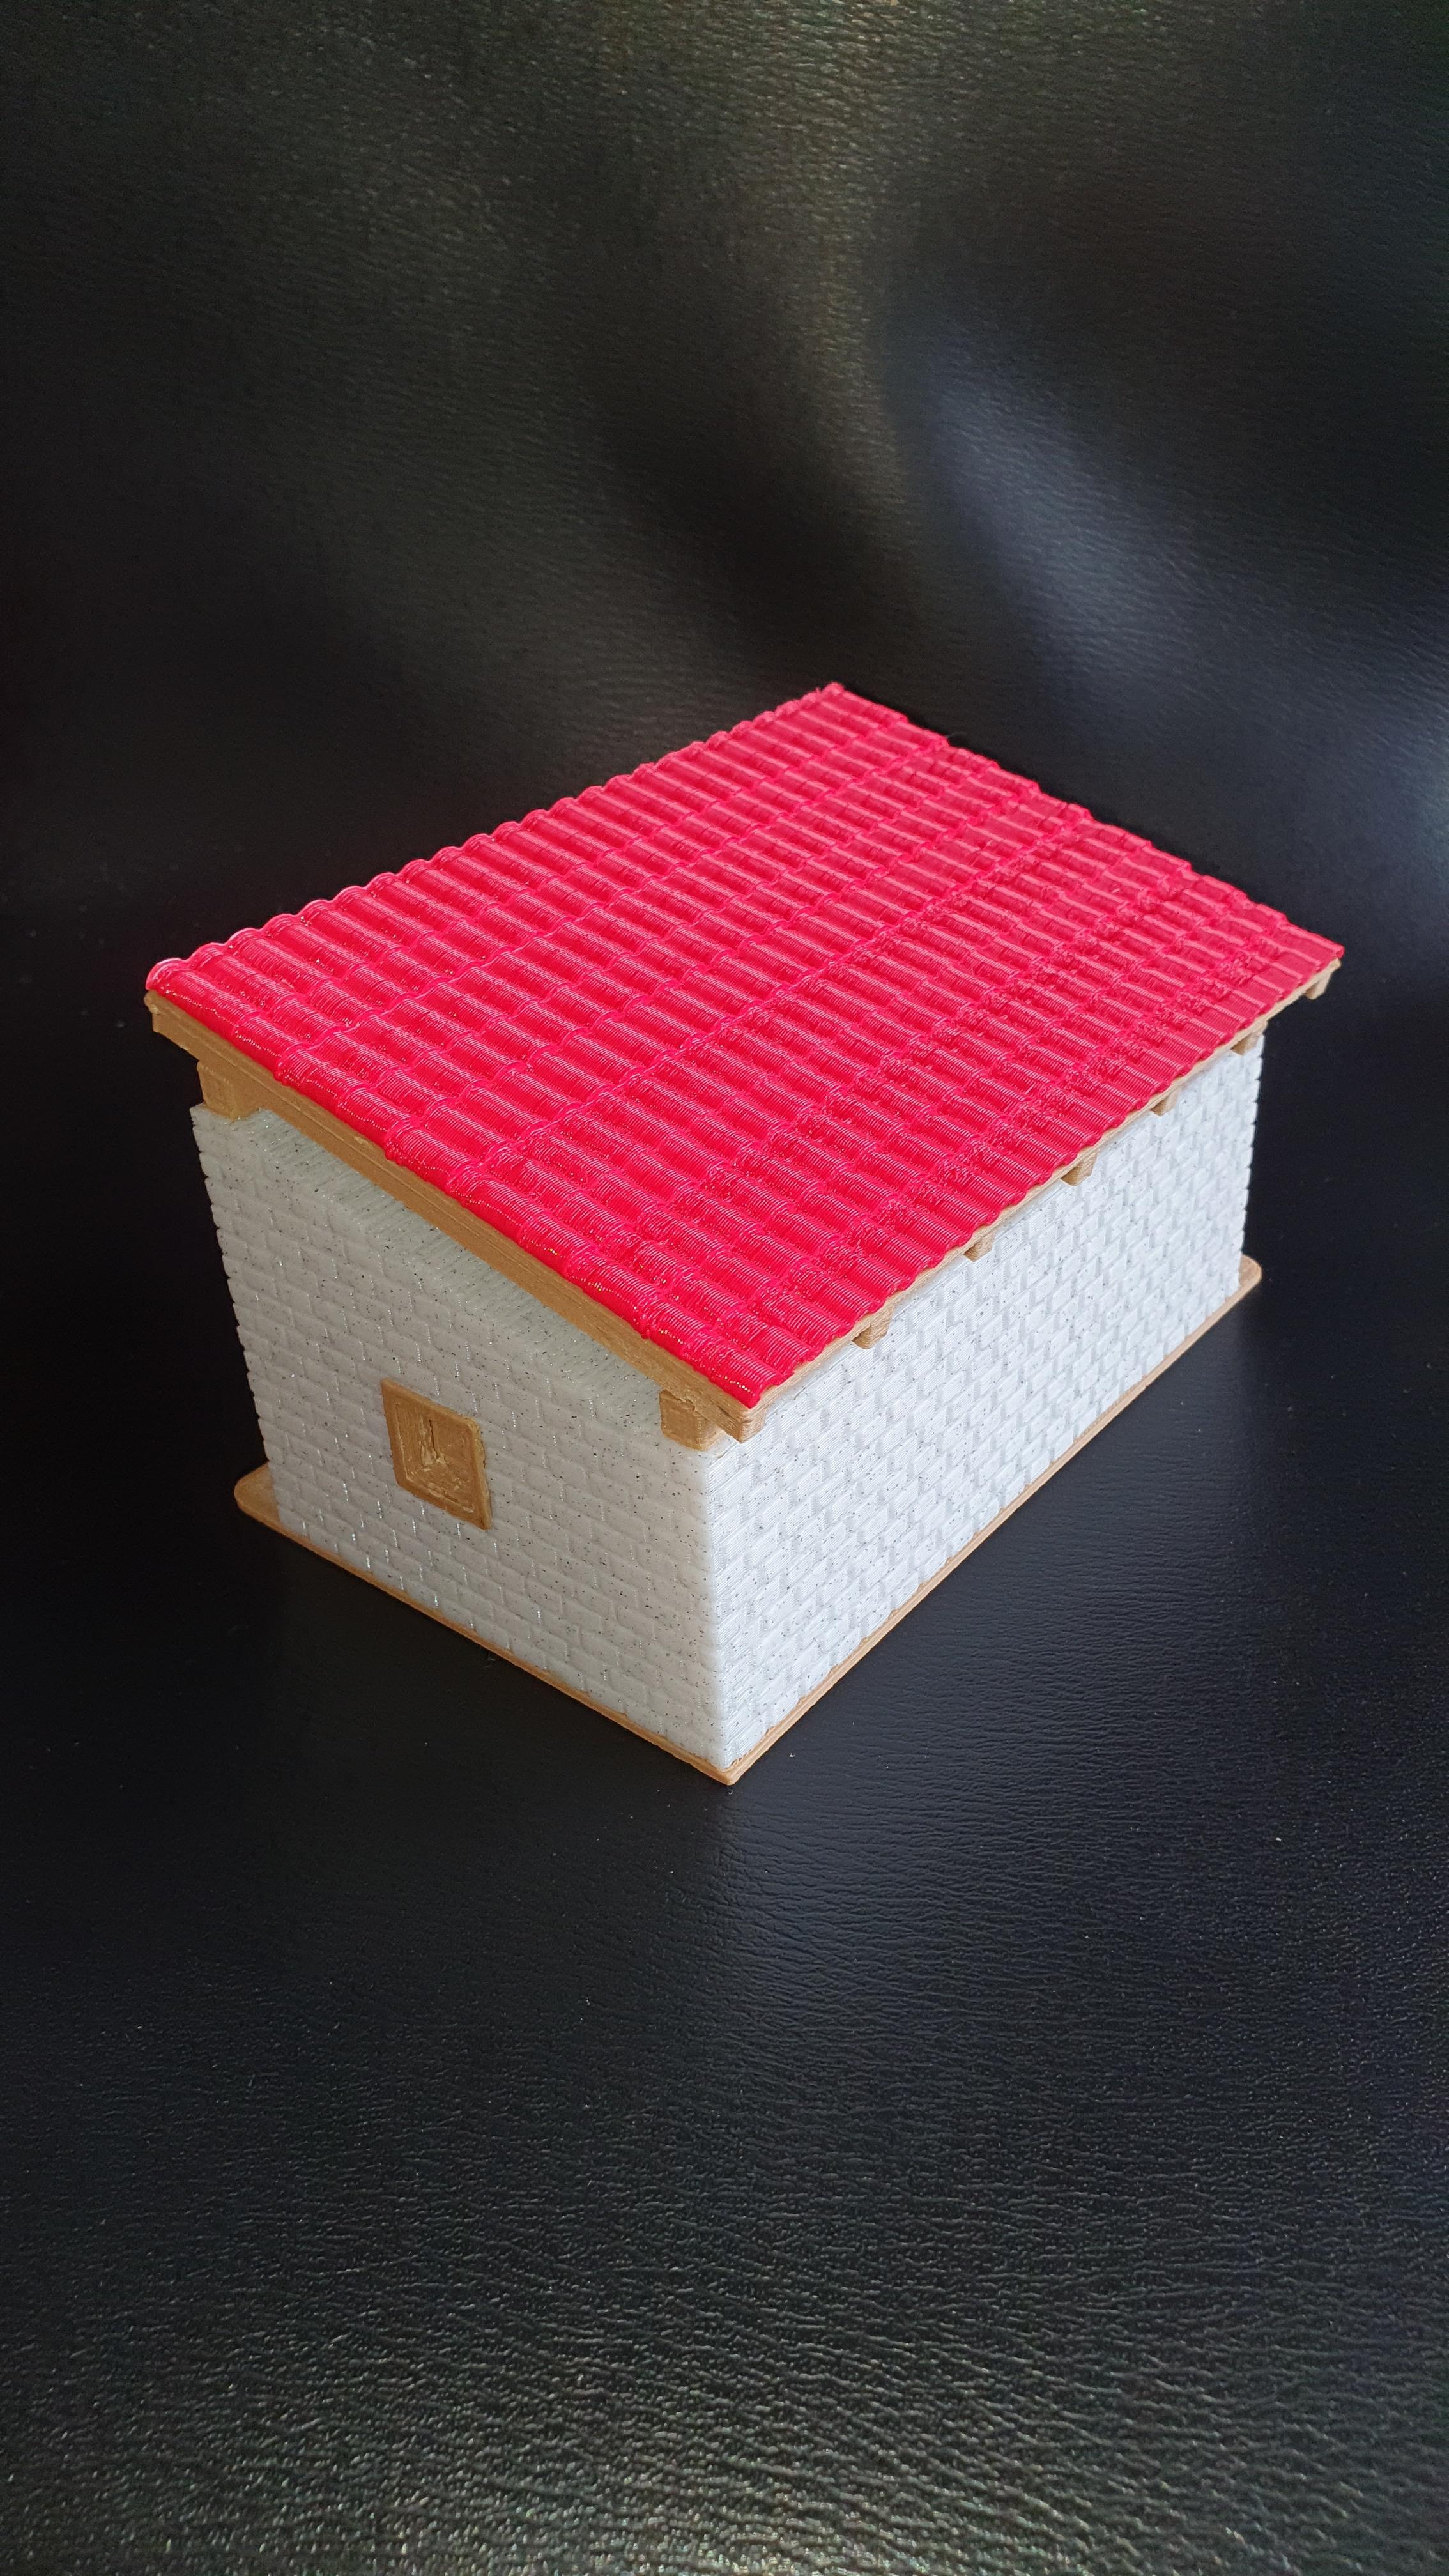 20201122_102942.jpg Télécharger fichier STL crèche de noel finition + • Modèle imprimable en 3D, YOHAN_3D